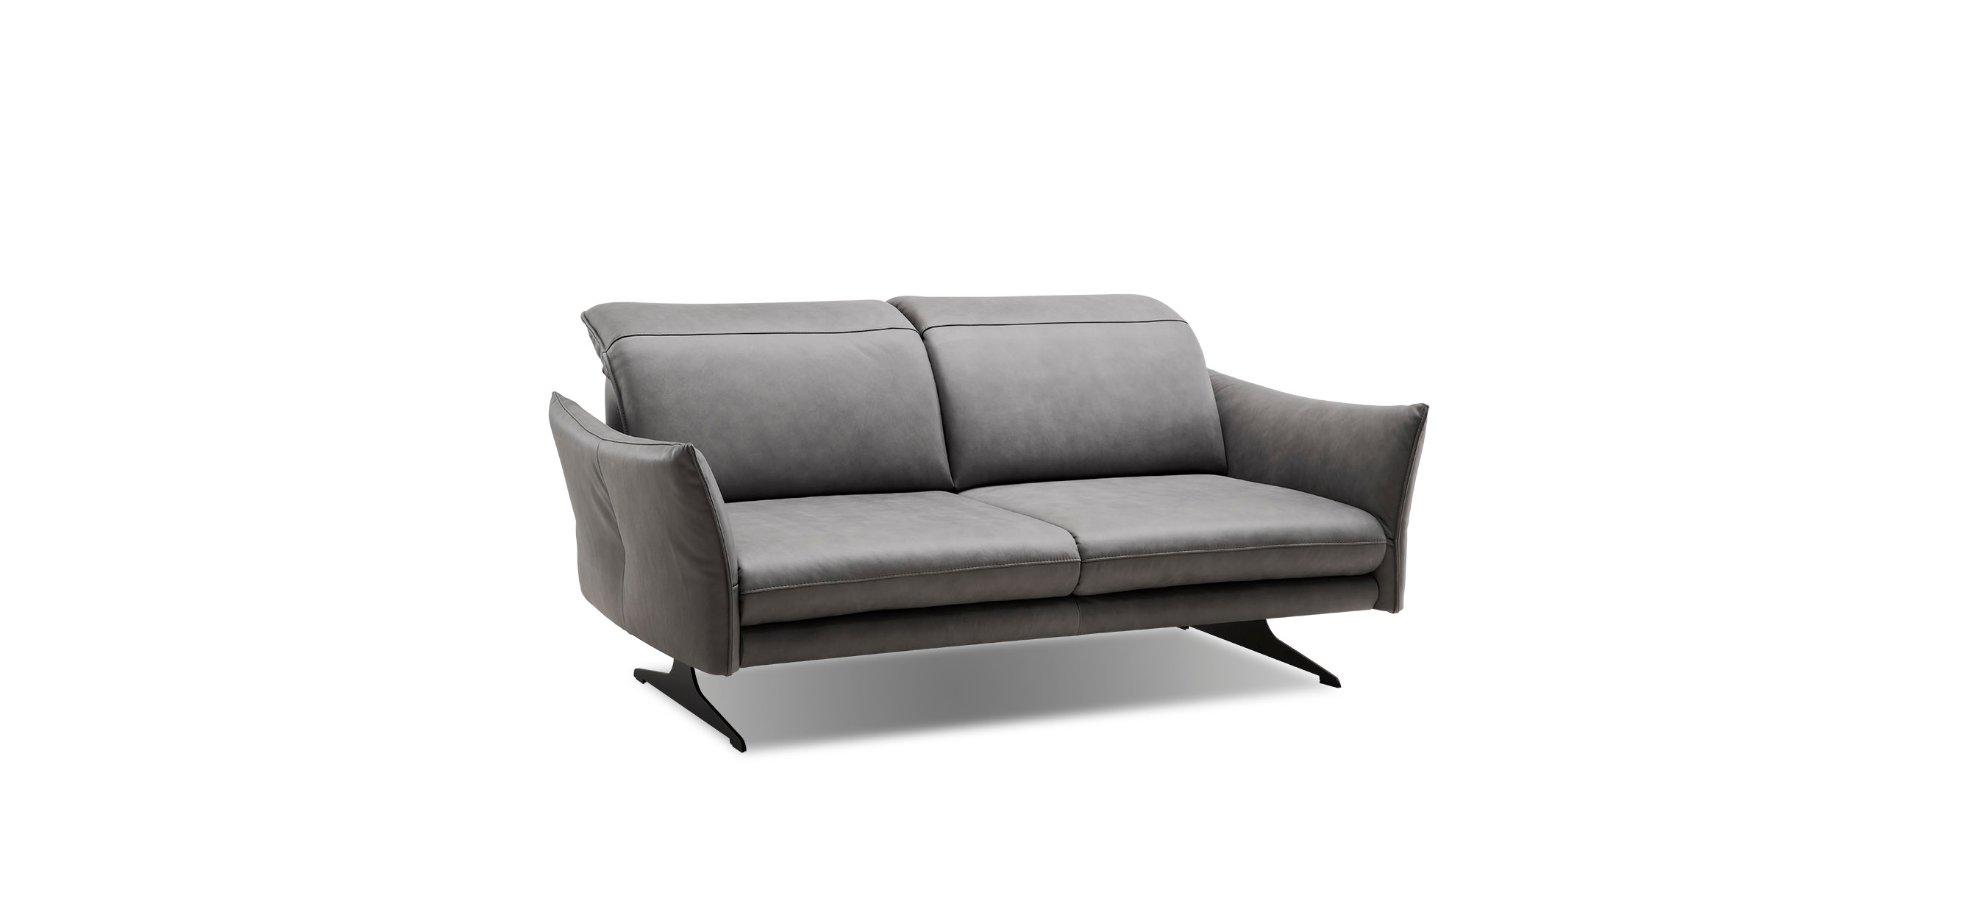 Full Size of Natura Sofa Gebraucht Newport Couch Kansas Pasadena Love Sofas Und Couches Mbel Lenz Big Poco Polster Reinigen Aus Matratzen Verkaufen Landhaus Cognac 2 Sitzer Sofa Natura Sofa